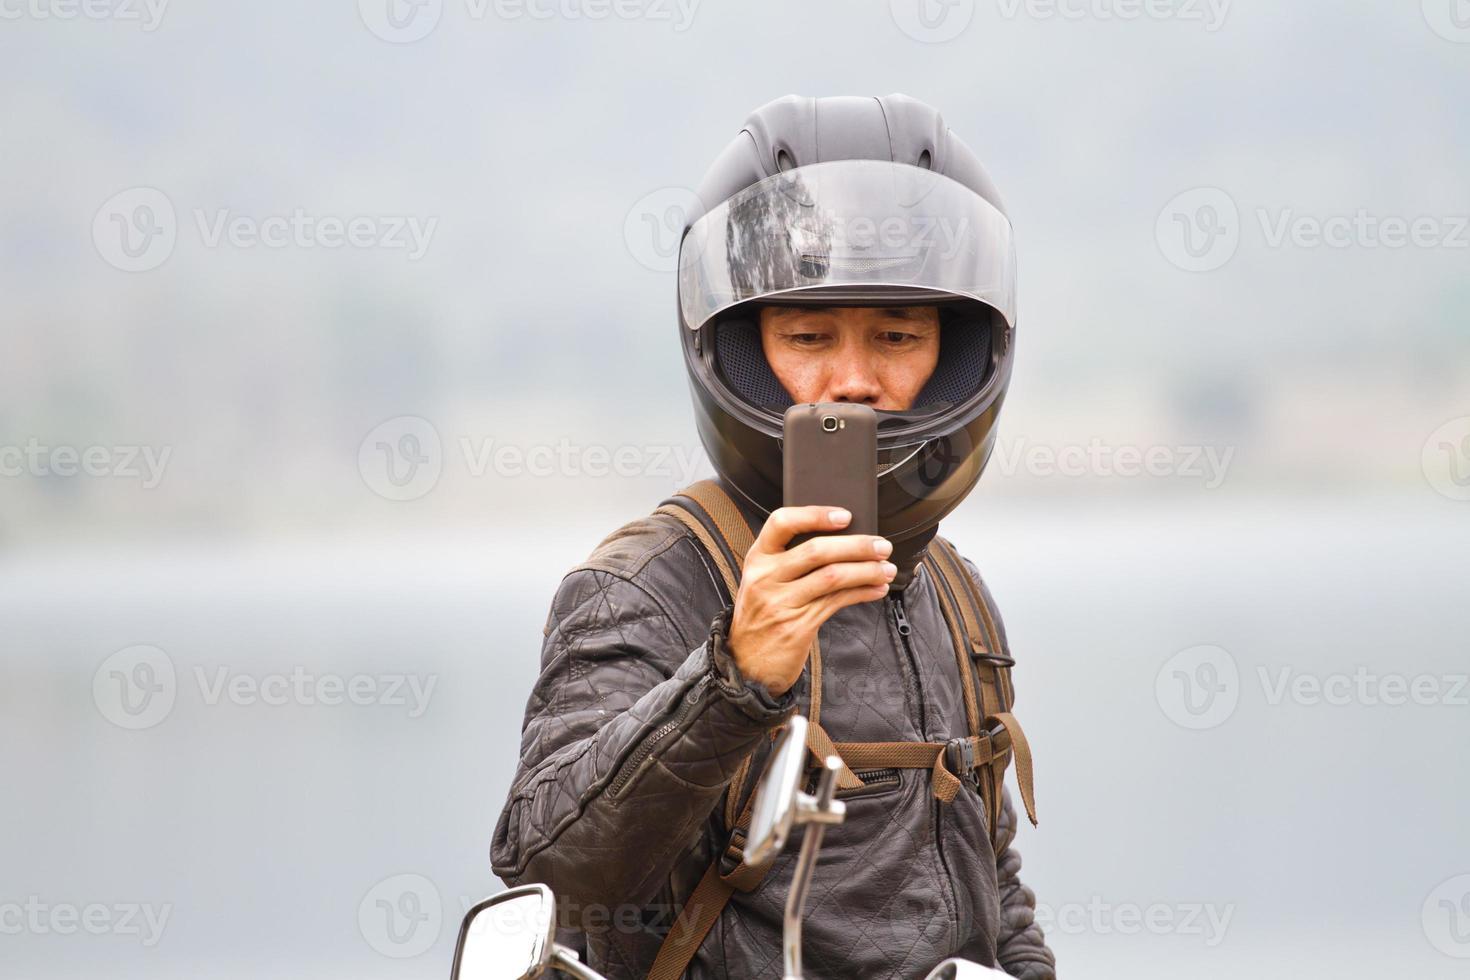 fotocamera del telefono cellulare in mani maschili foto